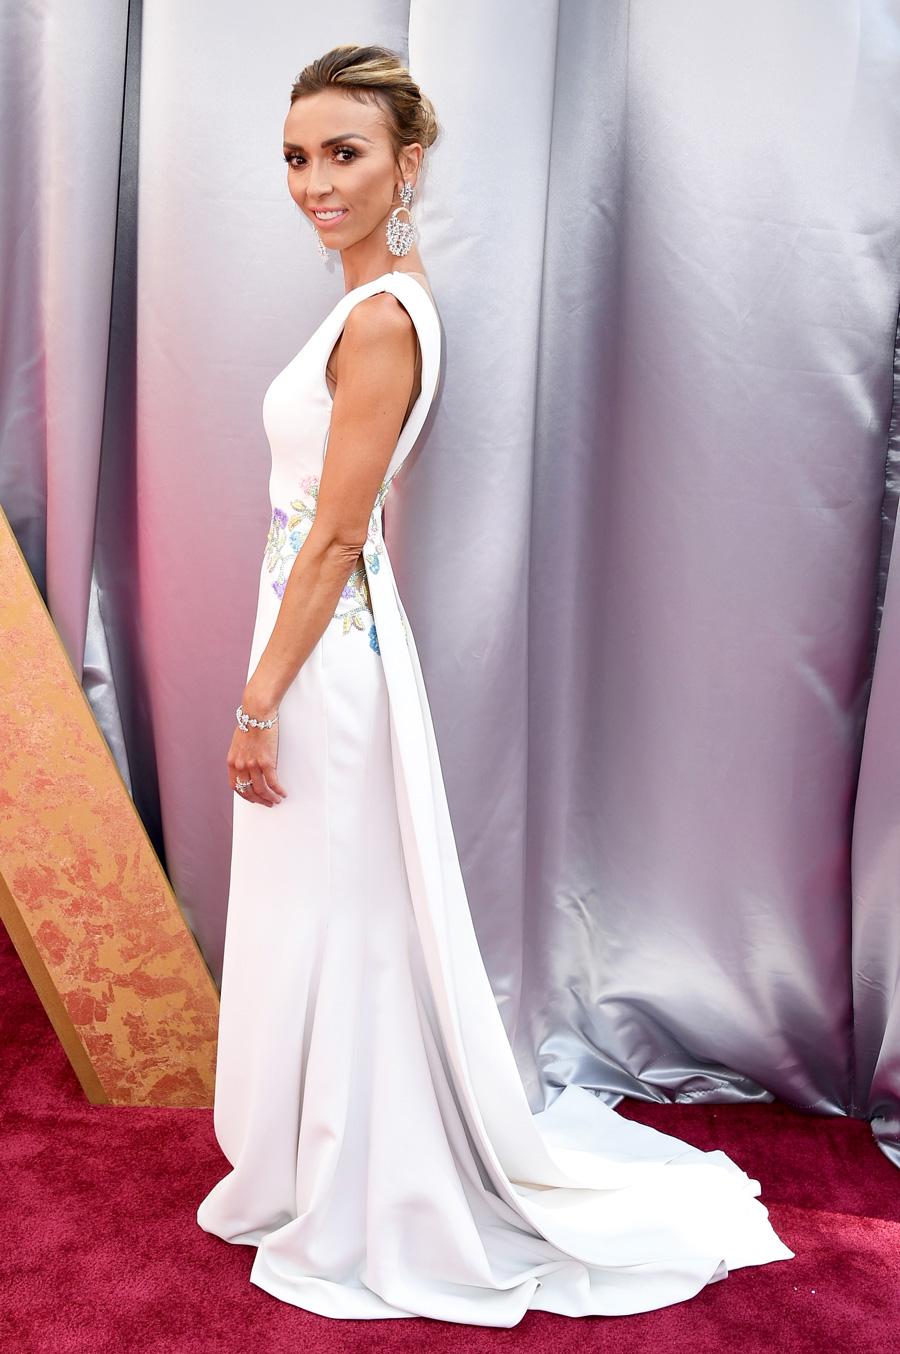 Giuliana-Rancic(ジュリアナ・ランシック)アカデミー賞中継特番『E!』ホスト-2016